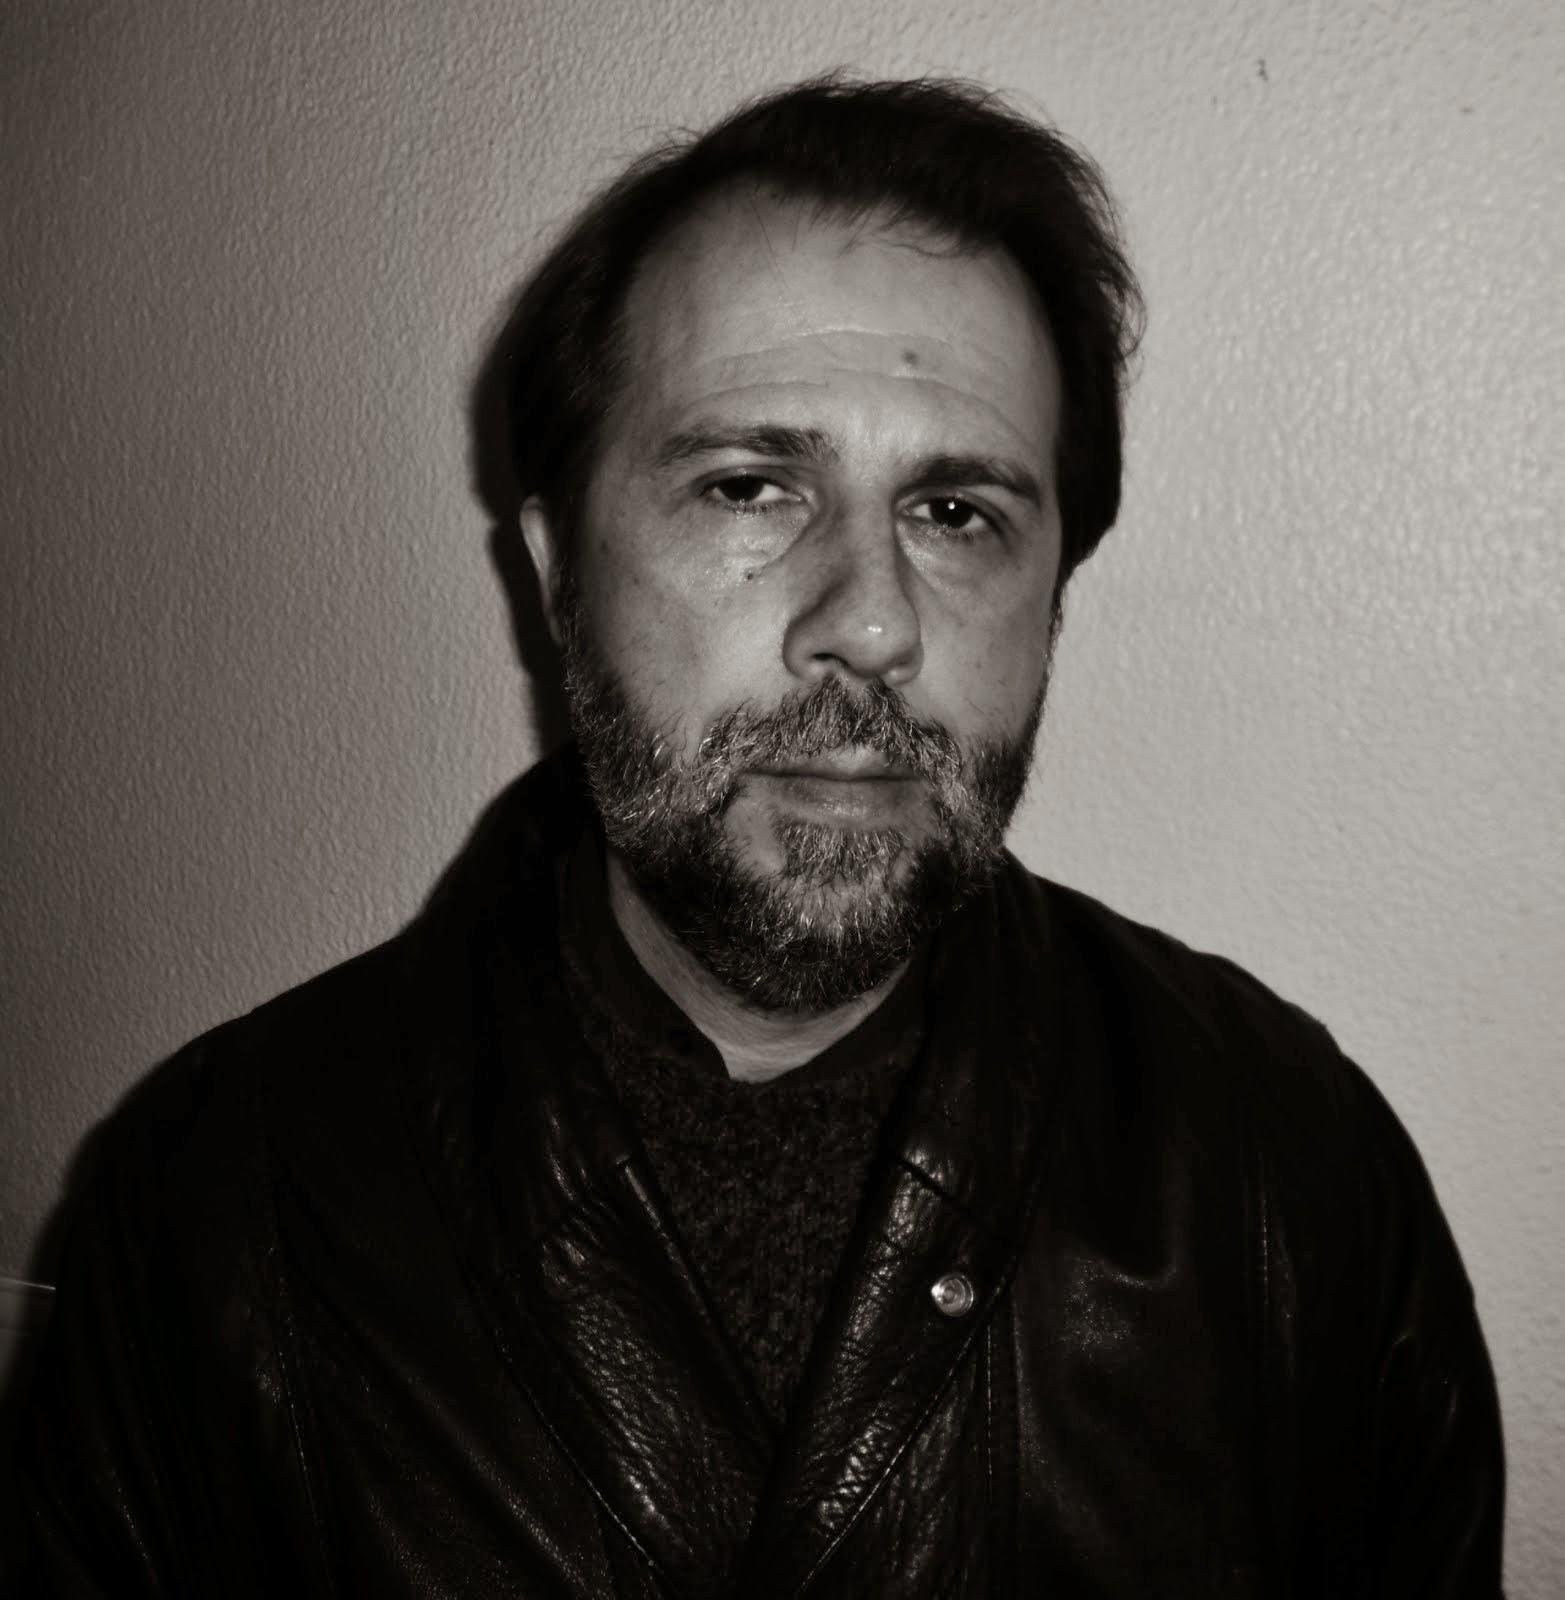 José Luis Zerón